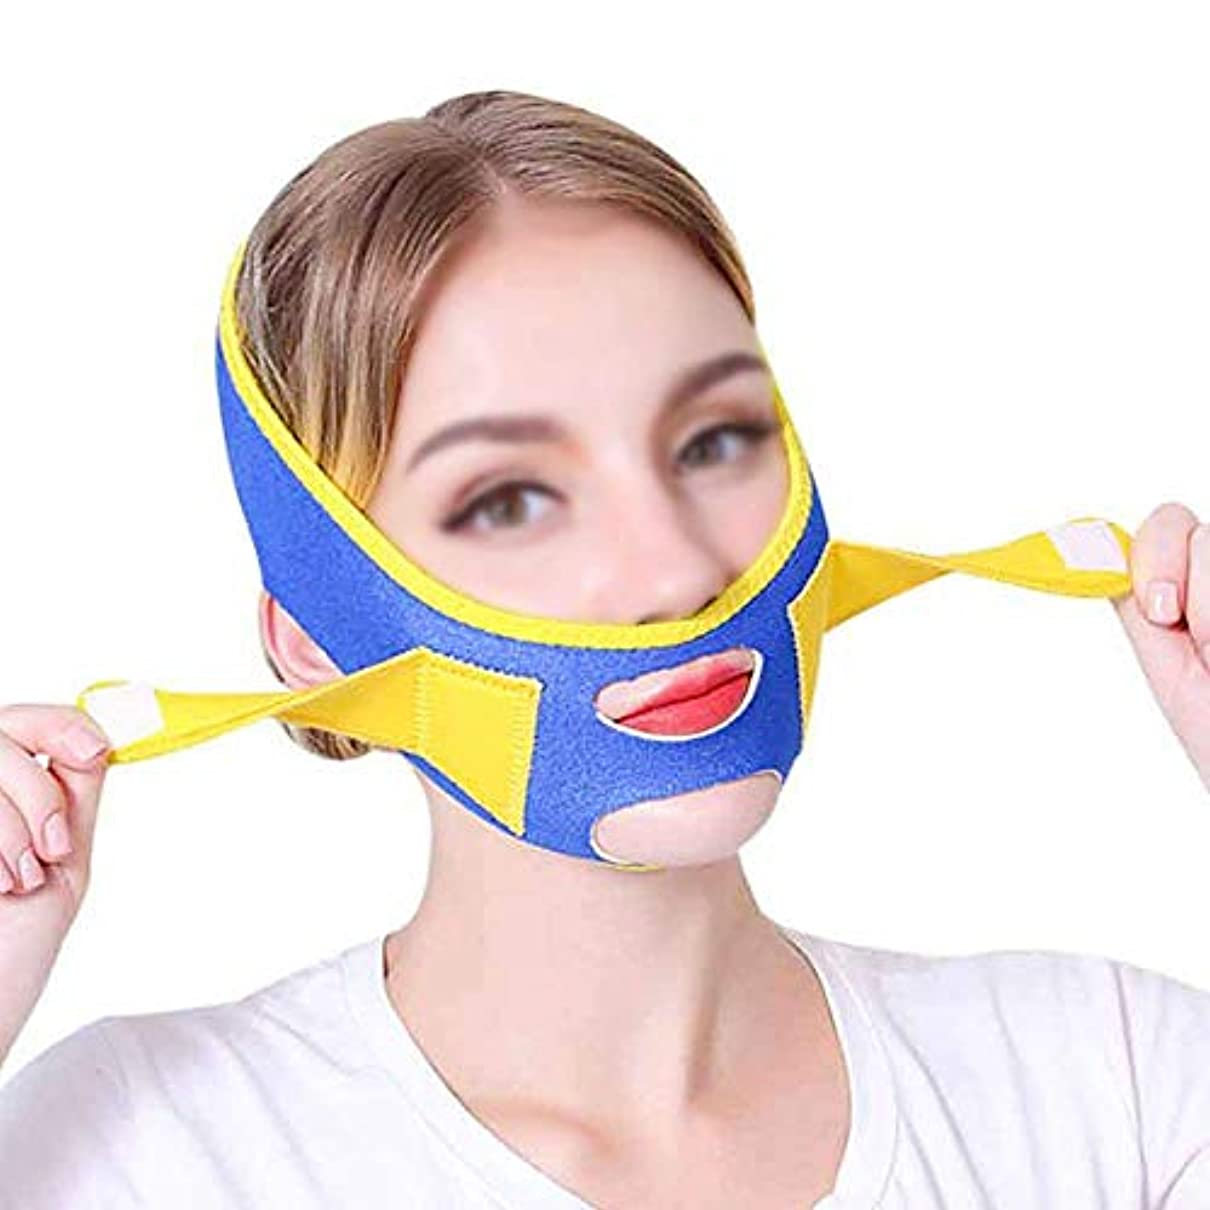 消化器タバコに付けるフェイスリフトマスク、あごストラップ回復包帯シンフェイスマスクVフェイスステッカーフェイスリフトステッカー韓国本物のリフティングファーミングリフト整形薄型ダブルチンフェイスリフト睡眠包帯アーティファクト